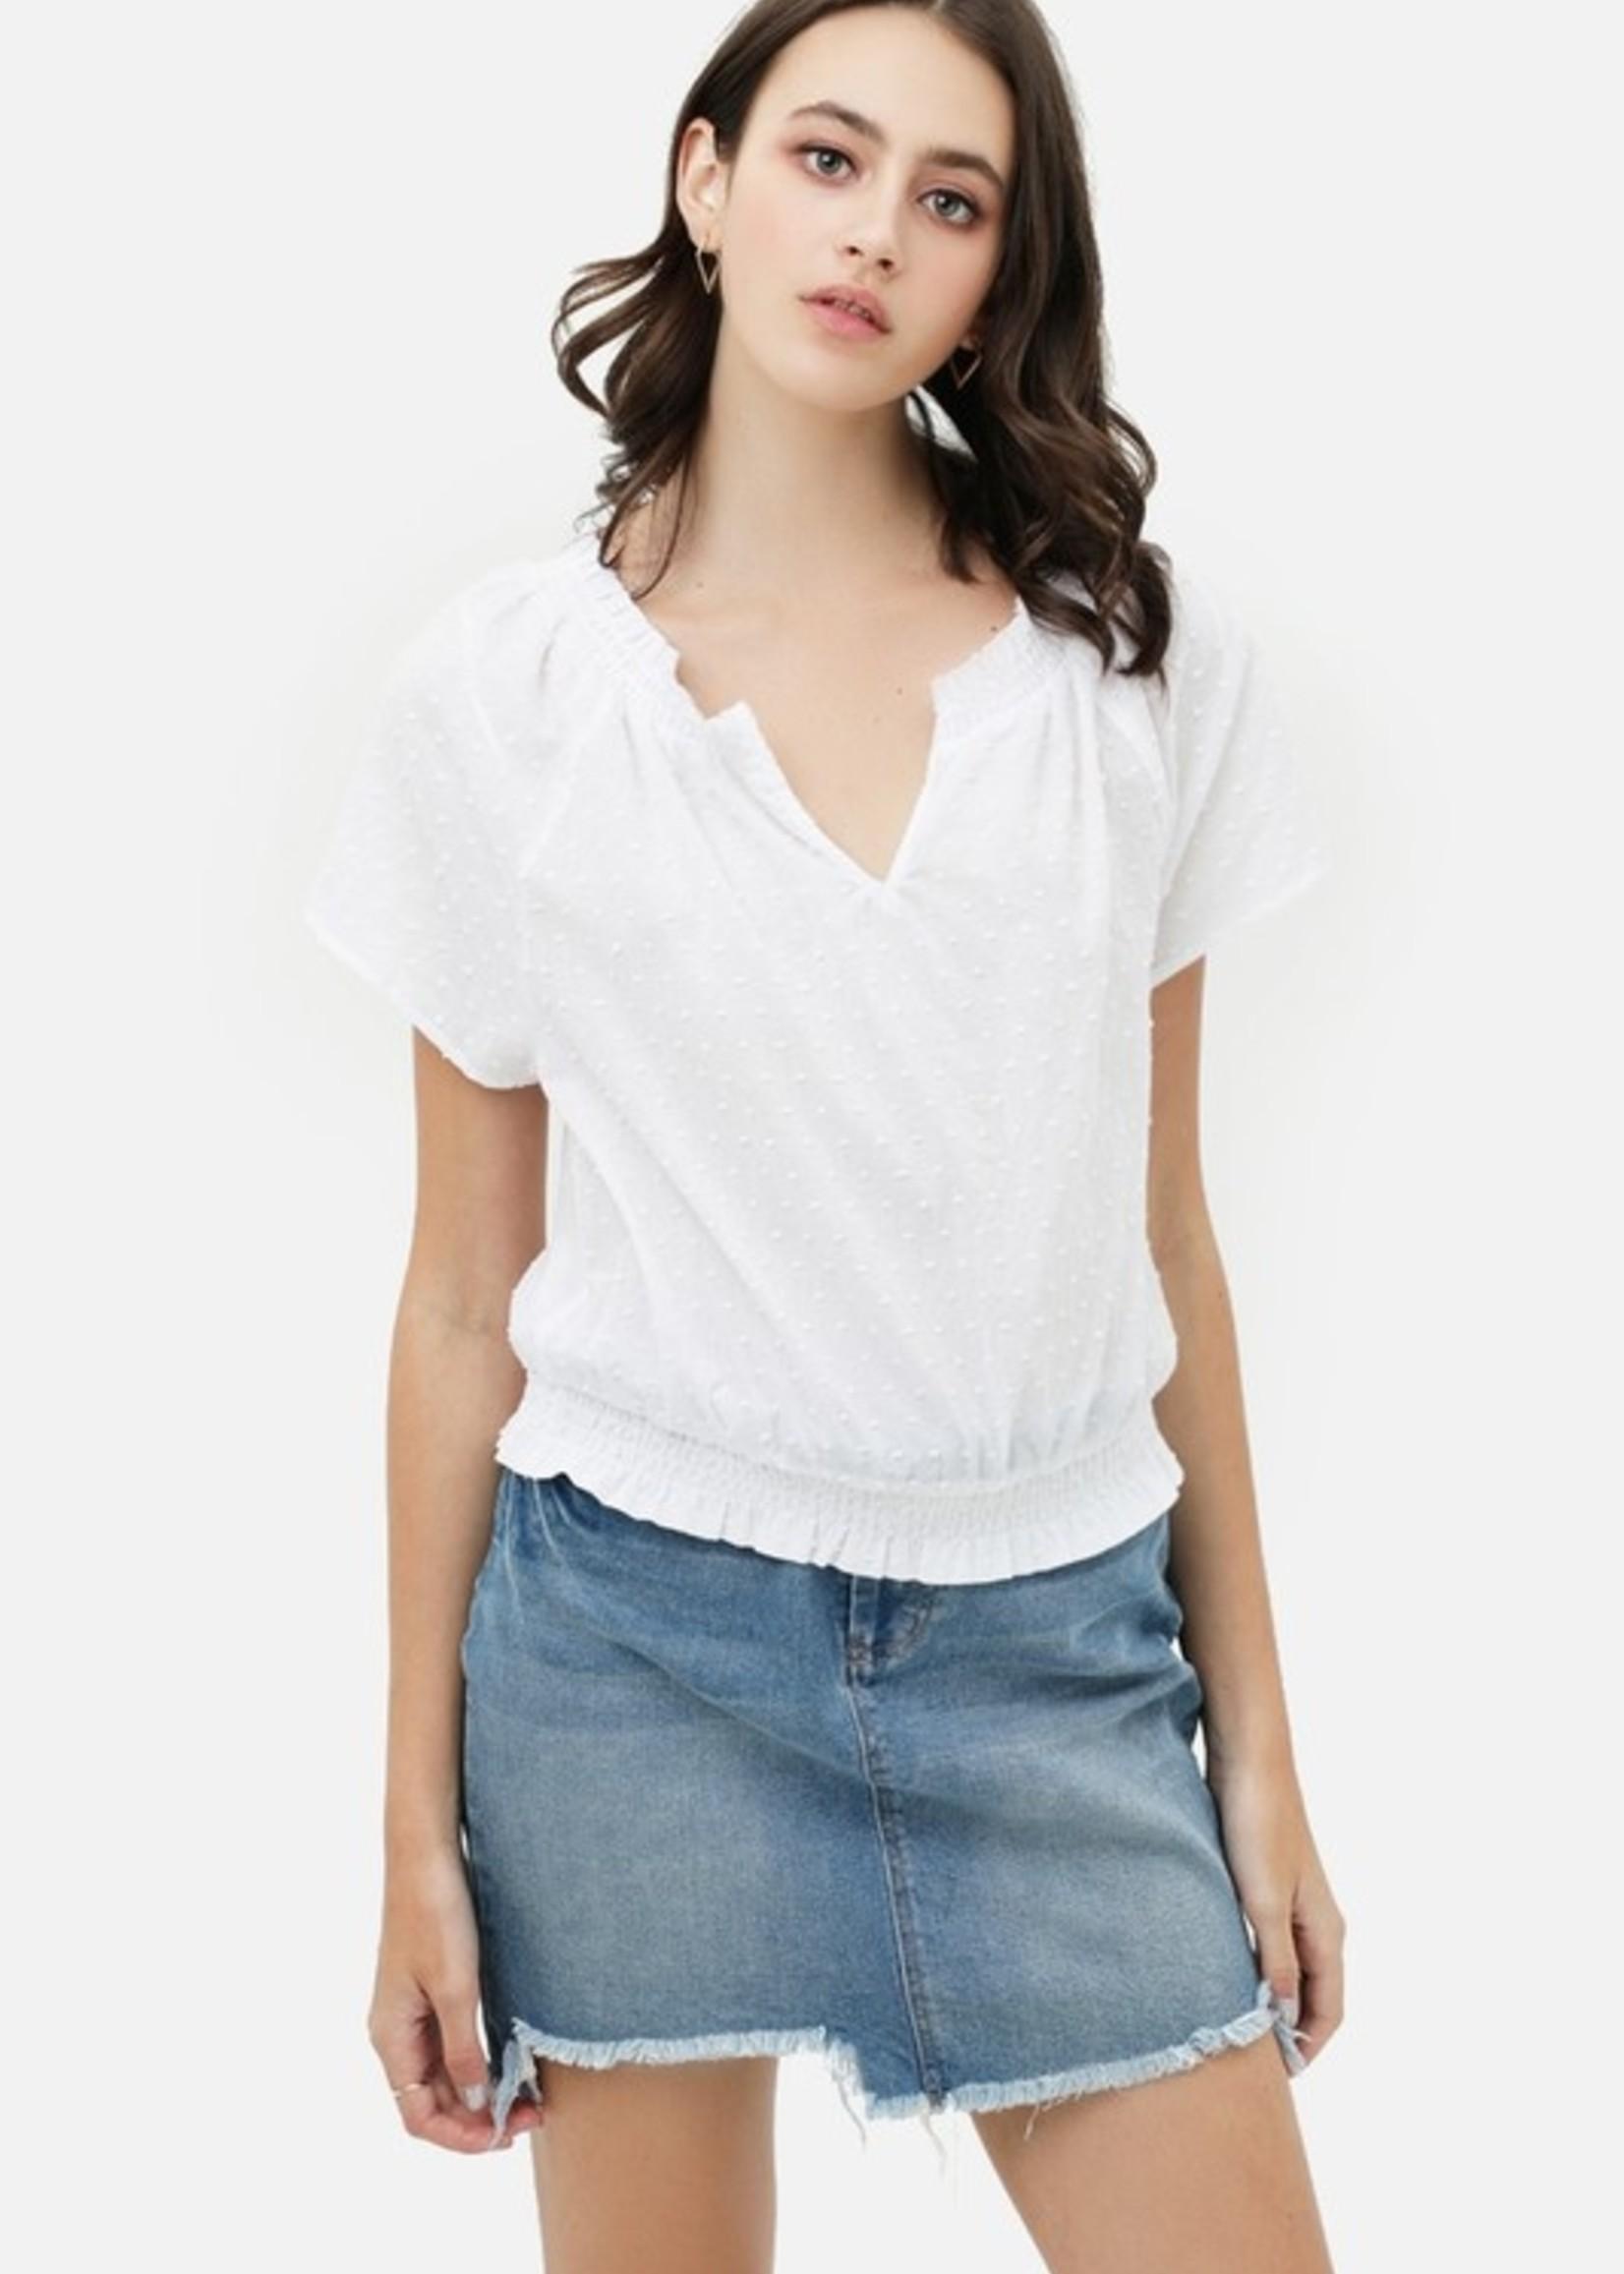 Split V elastic waist top